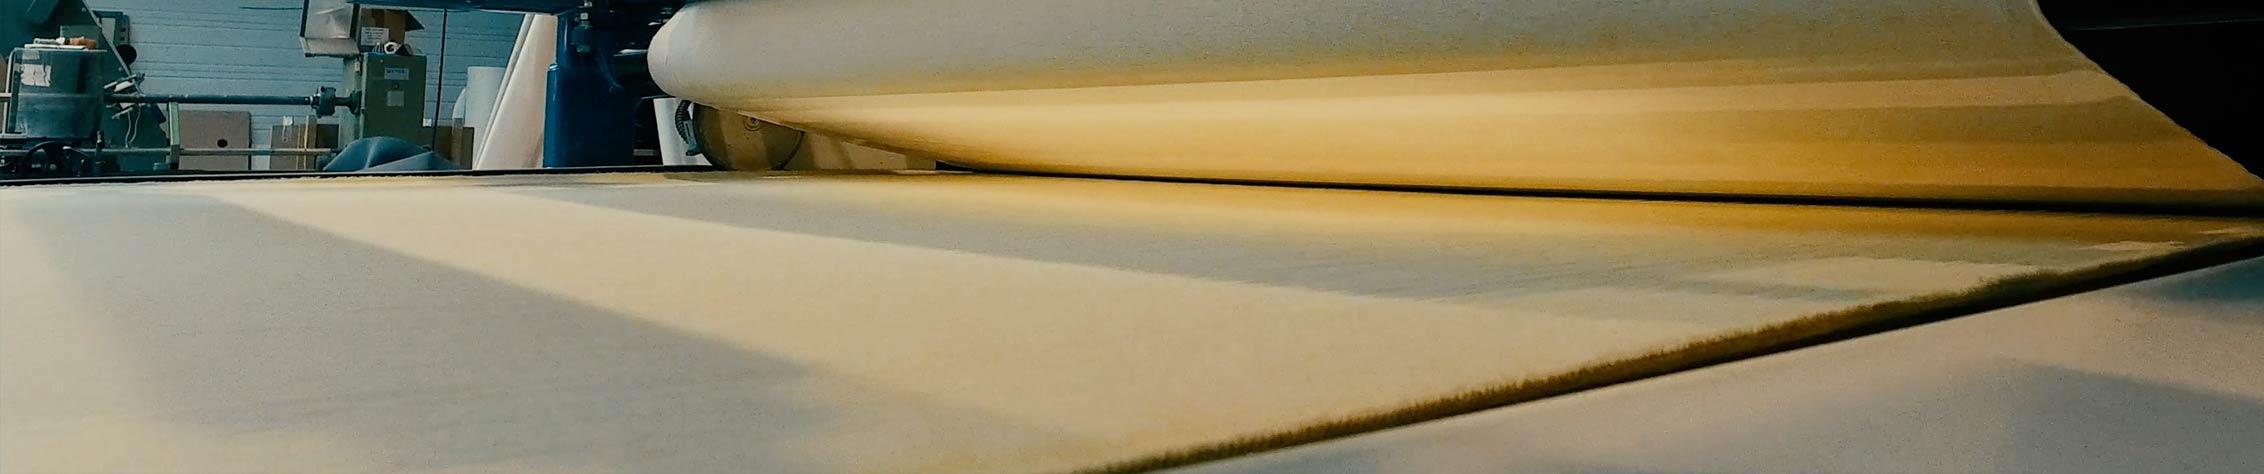 Calandrage tapis / rouleaux